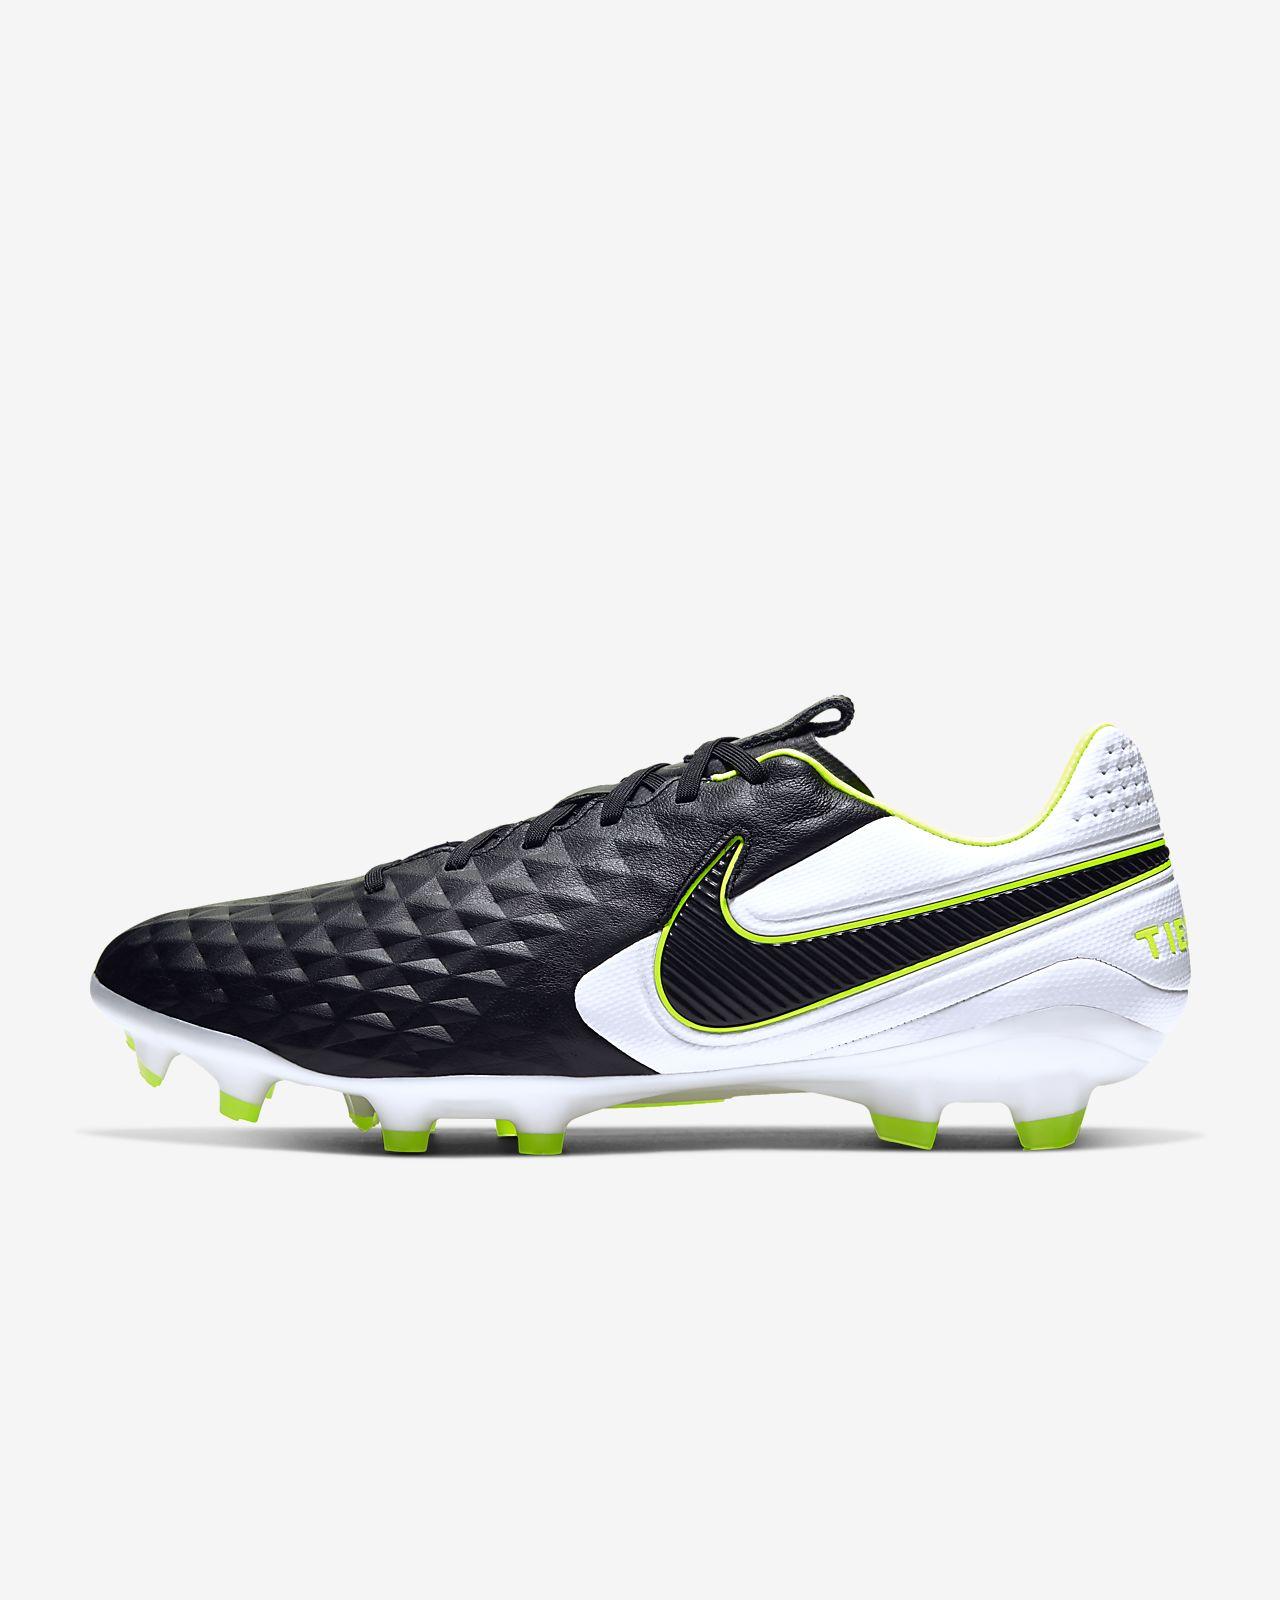 Nike Tiempo Legend 8 Pro FG Firm-Ground